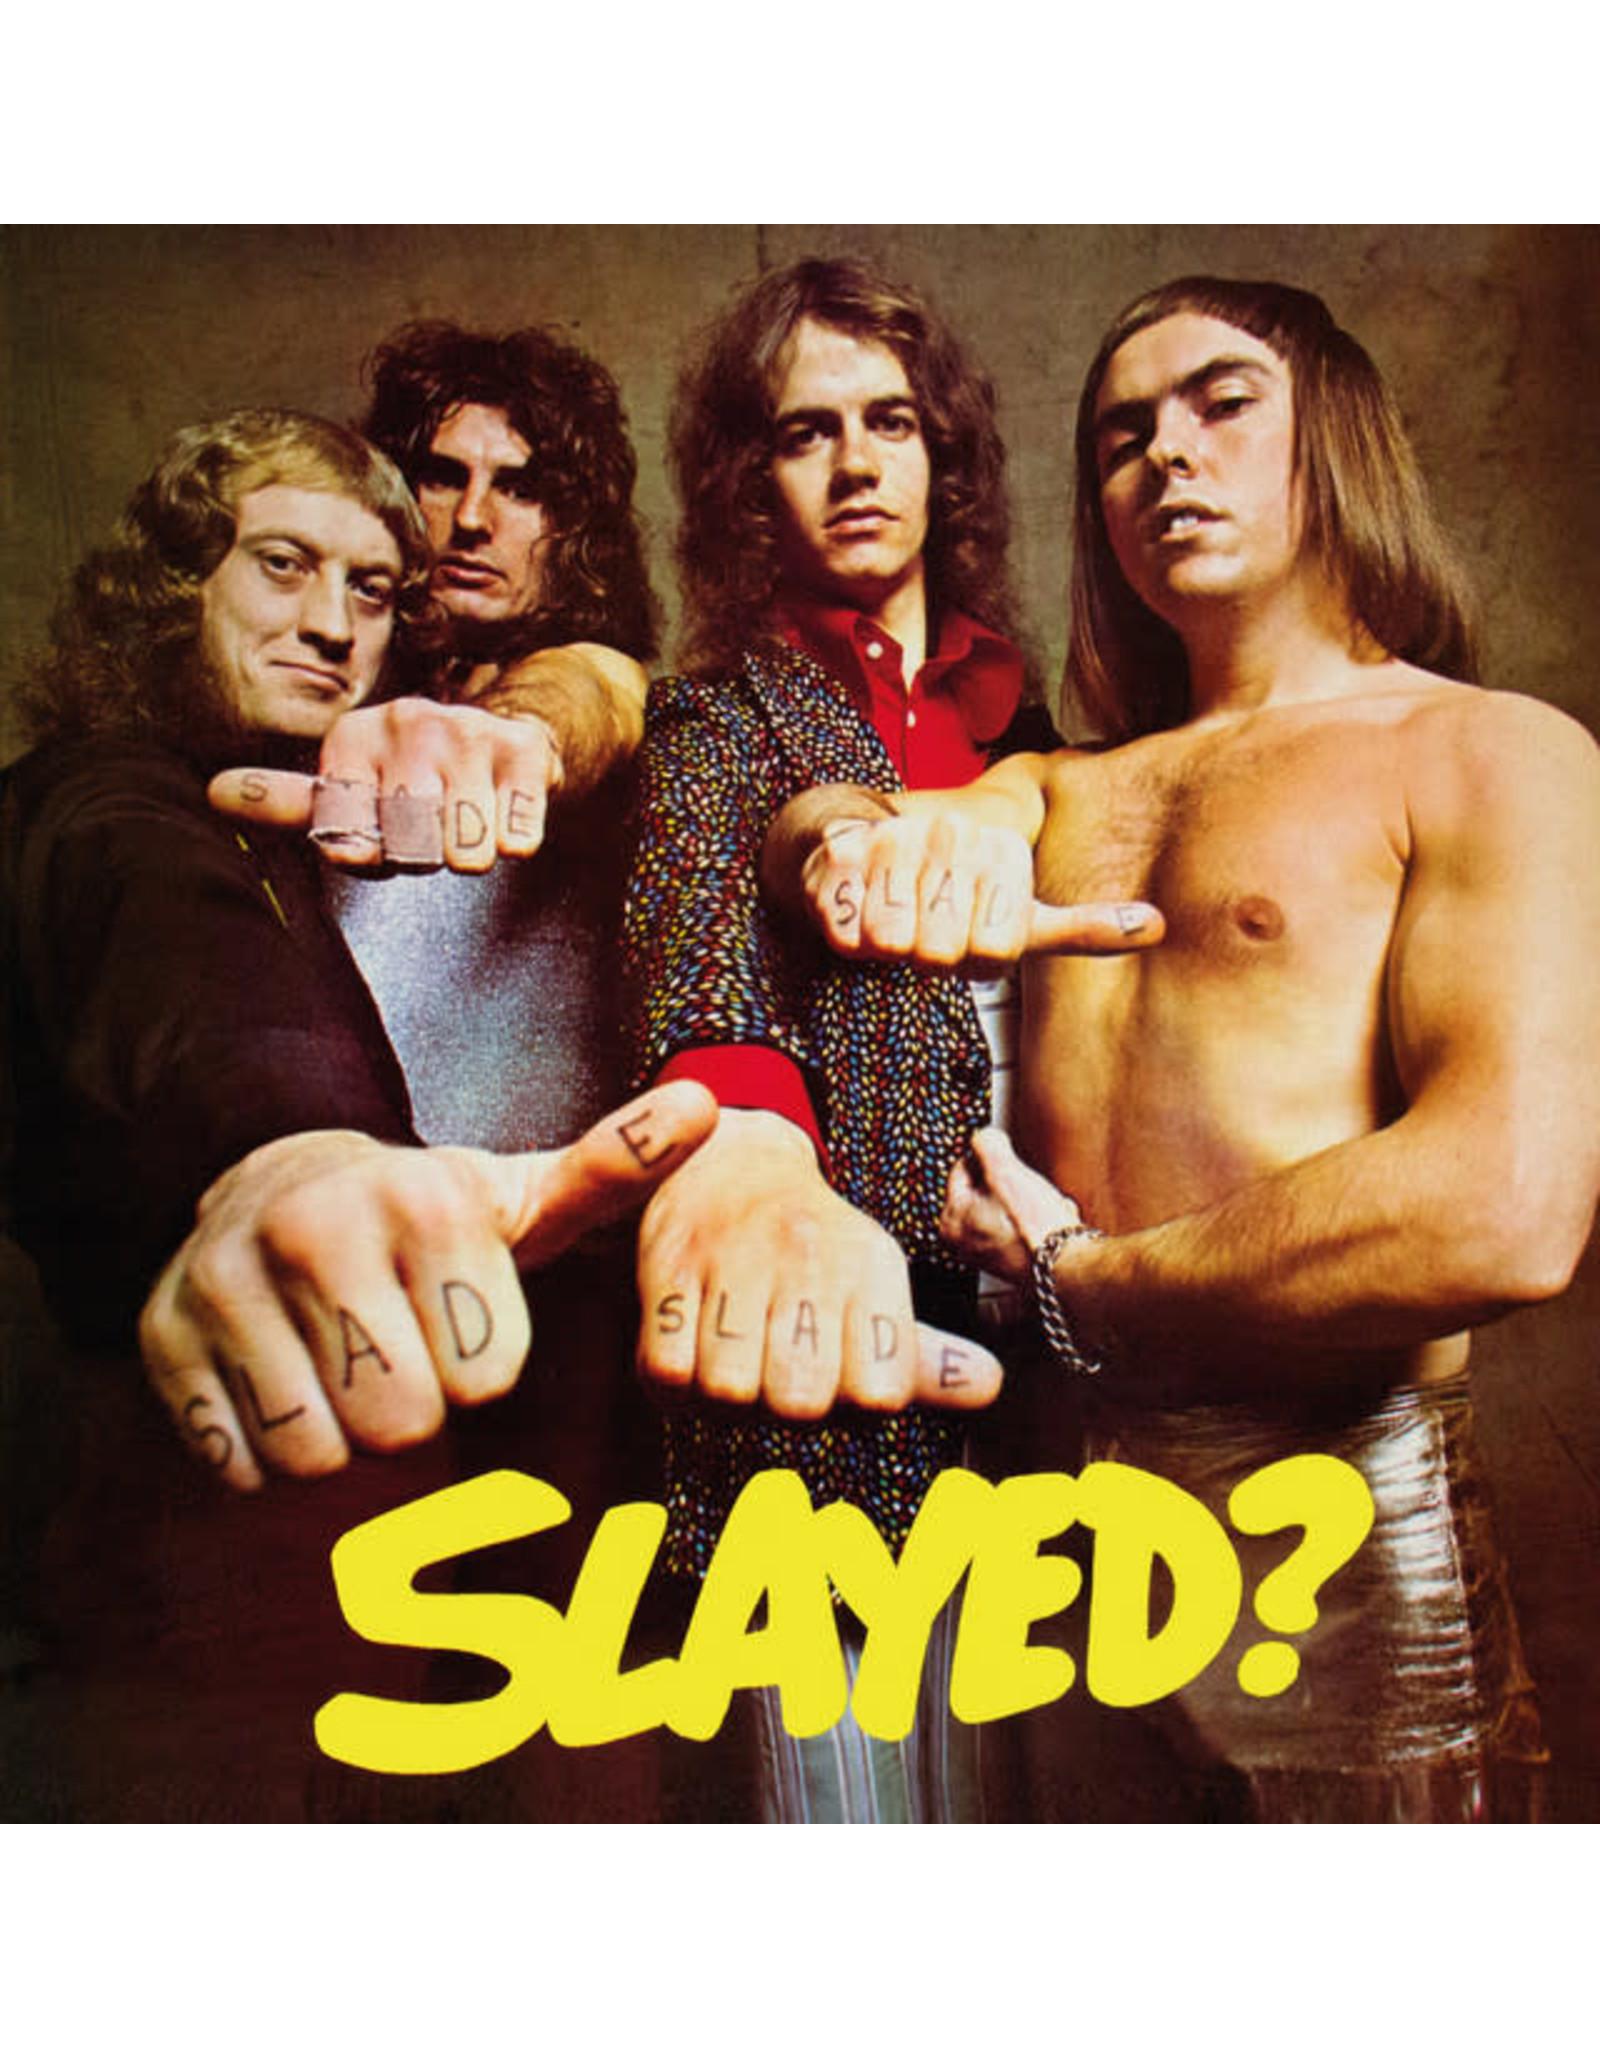 Vinyl Slade - Slayed?